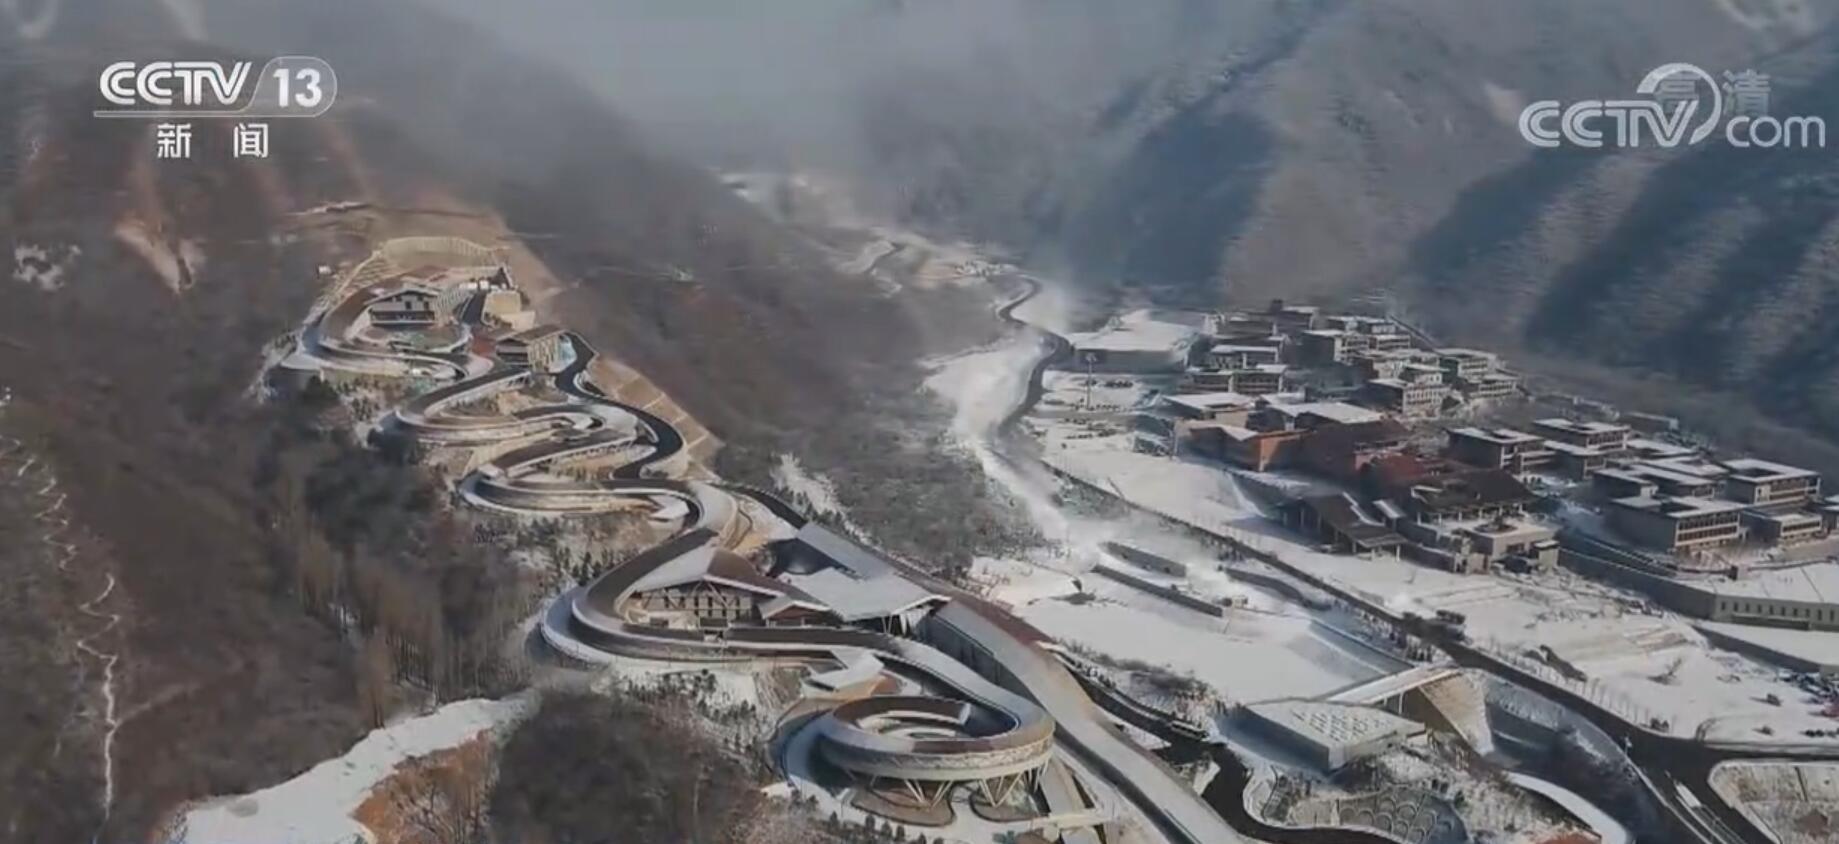 国际奥委会主席巴赫接受总台专访 巴赫:北京冬奥会将书写历史